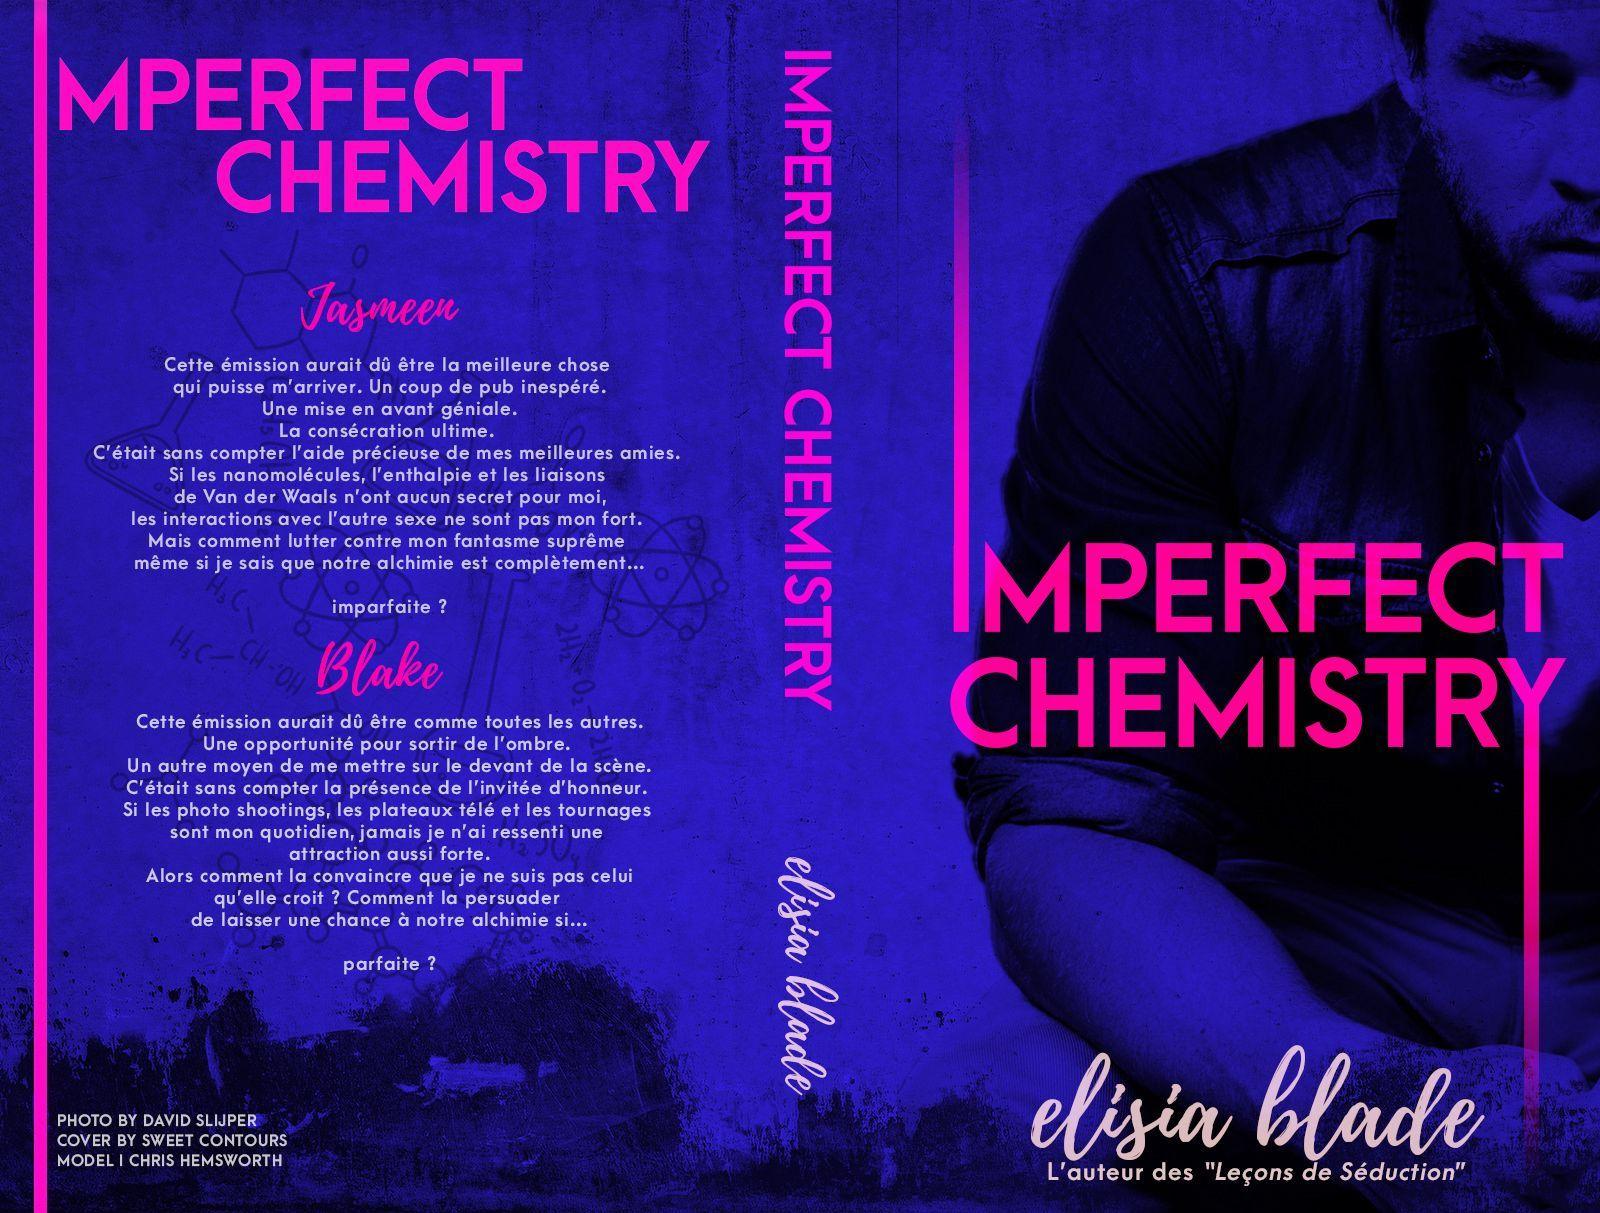 Je vous présente ma toute nouvelle histoire Imperfect Chemistry dont le résumé est le suivant :